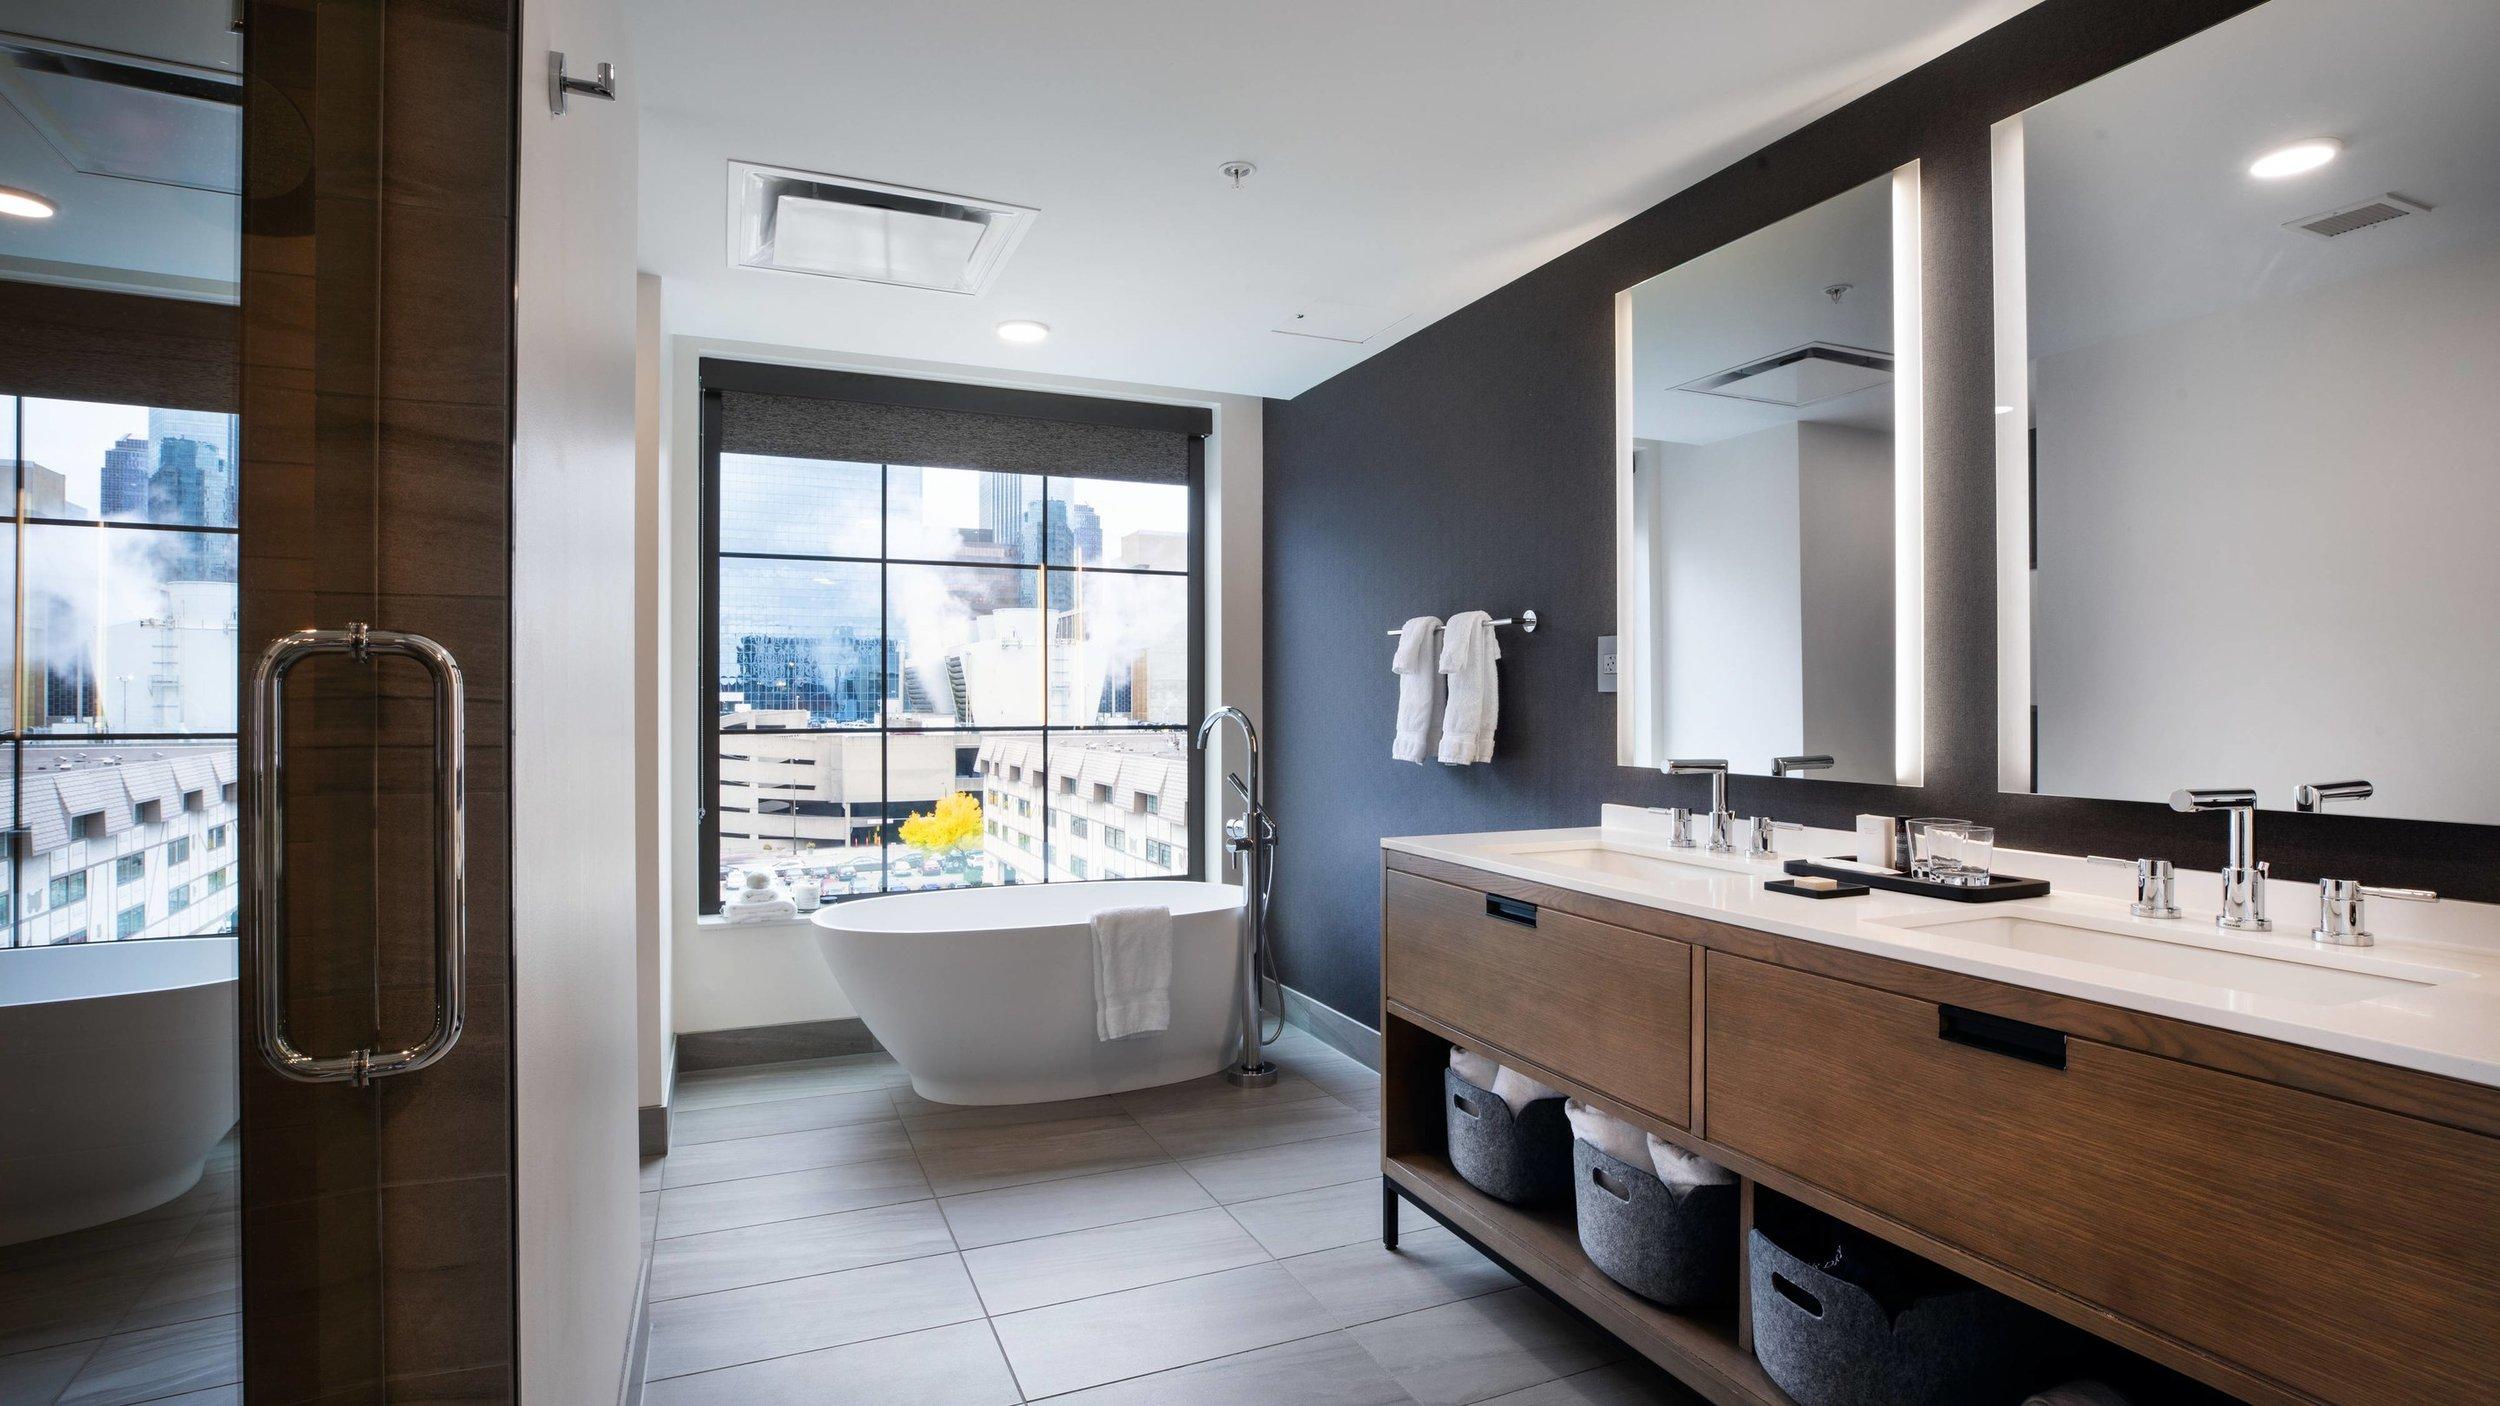 mspad-bathroom-1500-hor-wide.jpg